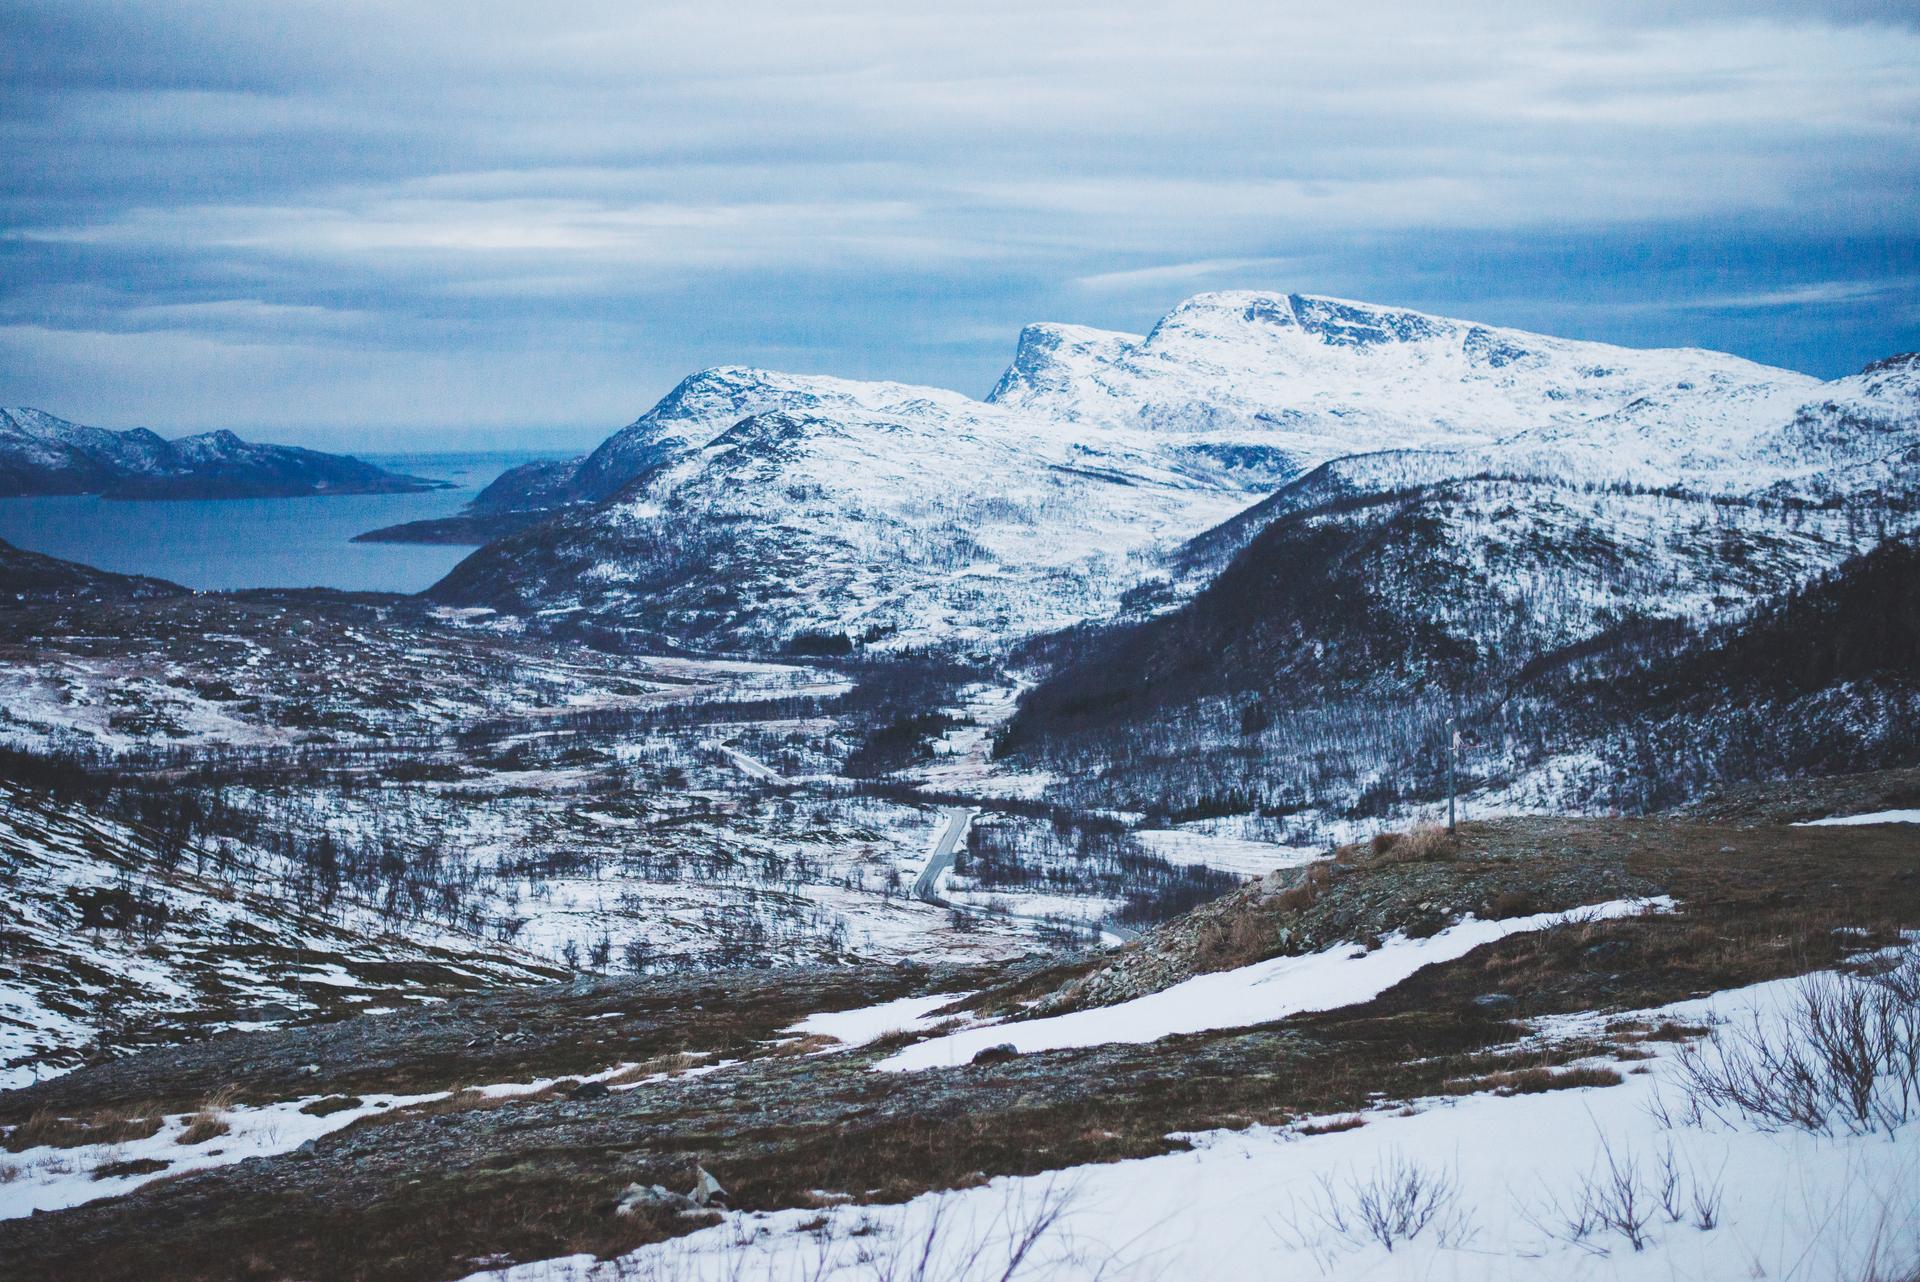 kvaloya norwegia